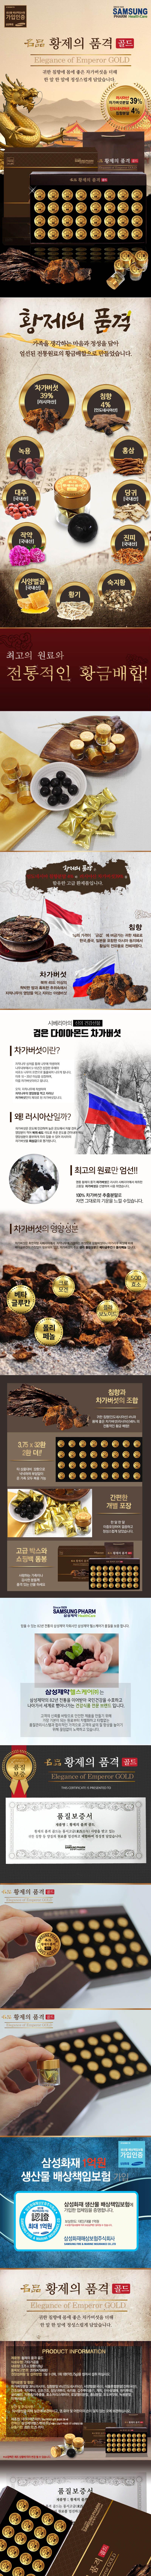 삼성제약 황제의 품격 골드(차가버섯분말 함유) 3.75g*32환